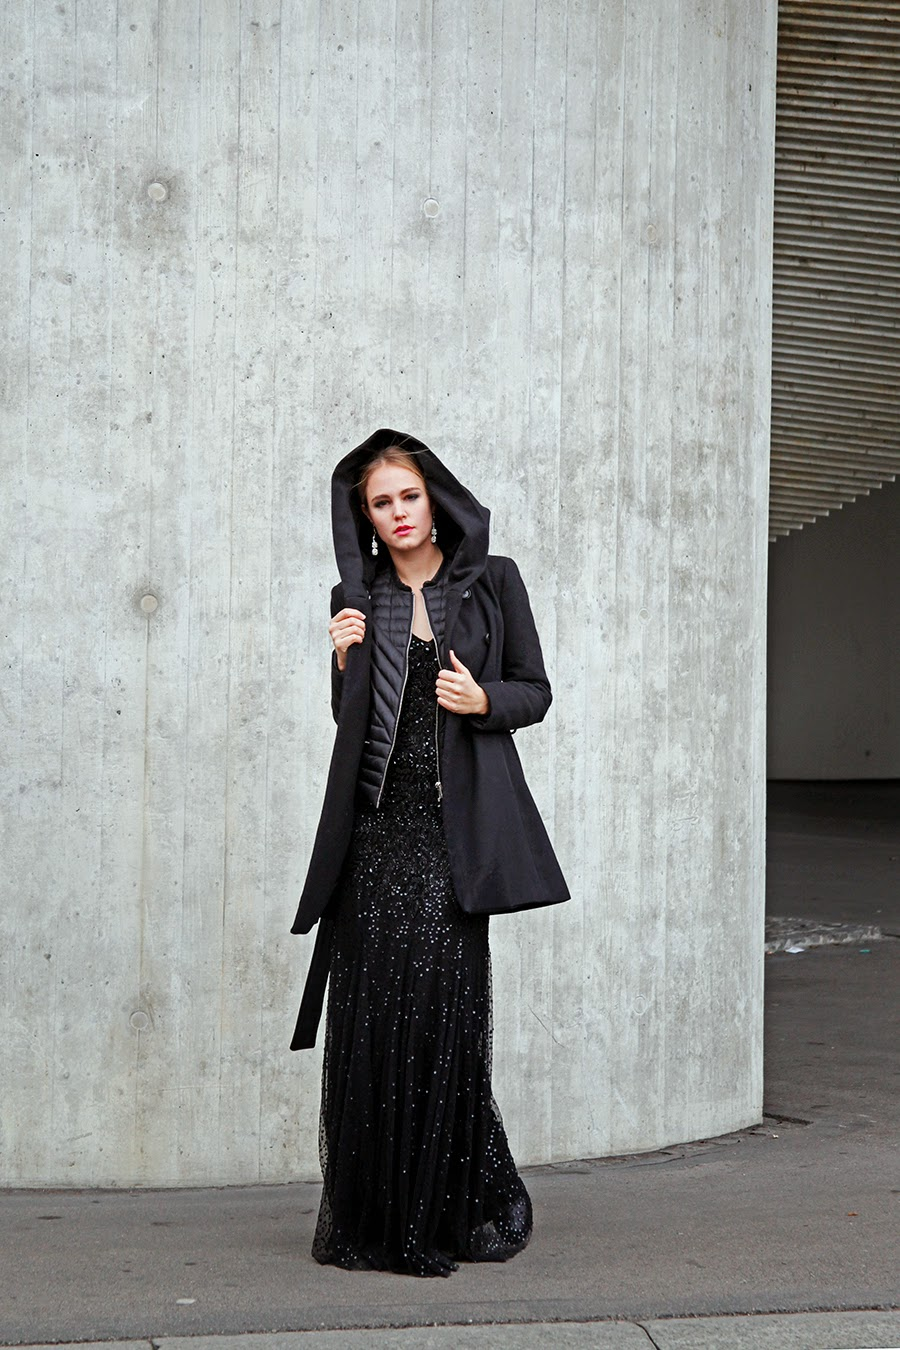 Ziemlich Zara Partykleider Galerie - Brautkleider Ideen - cashingy.info